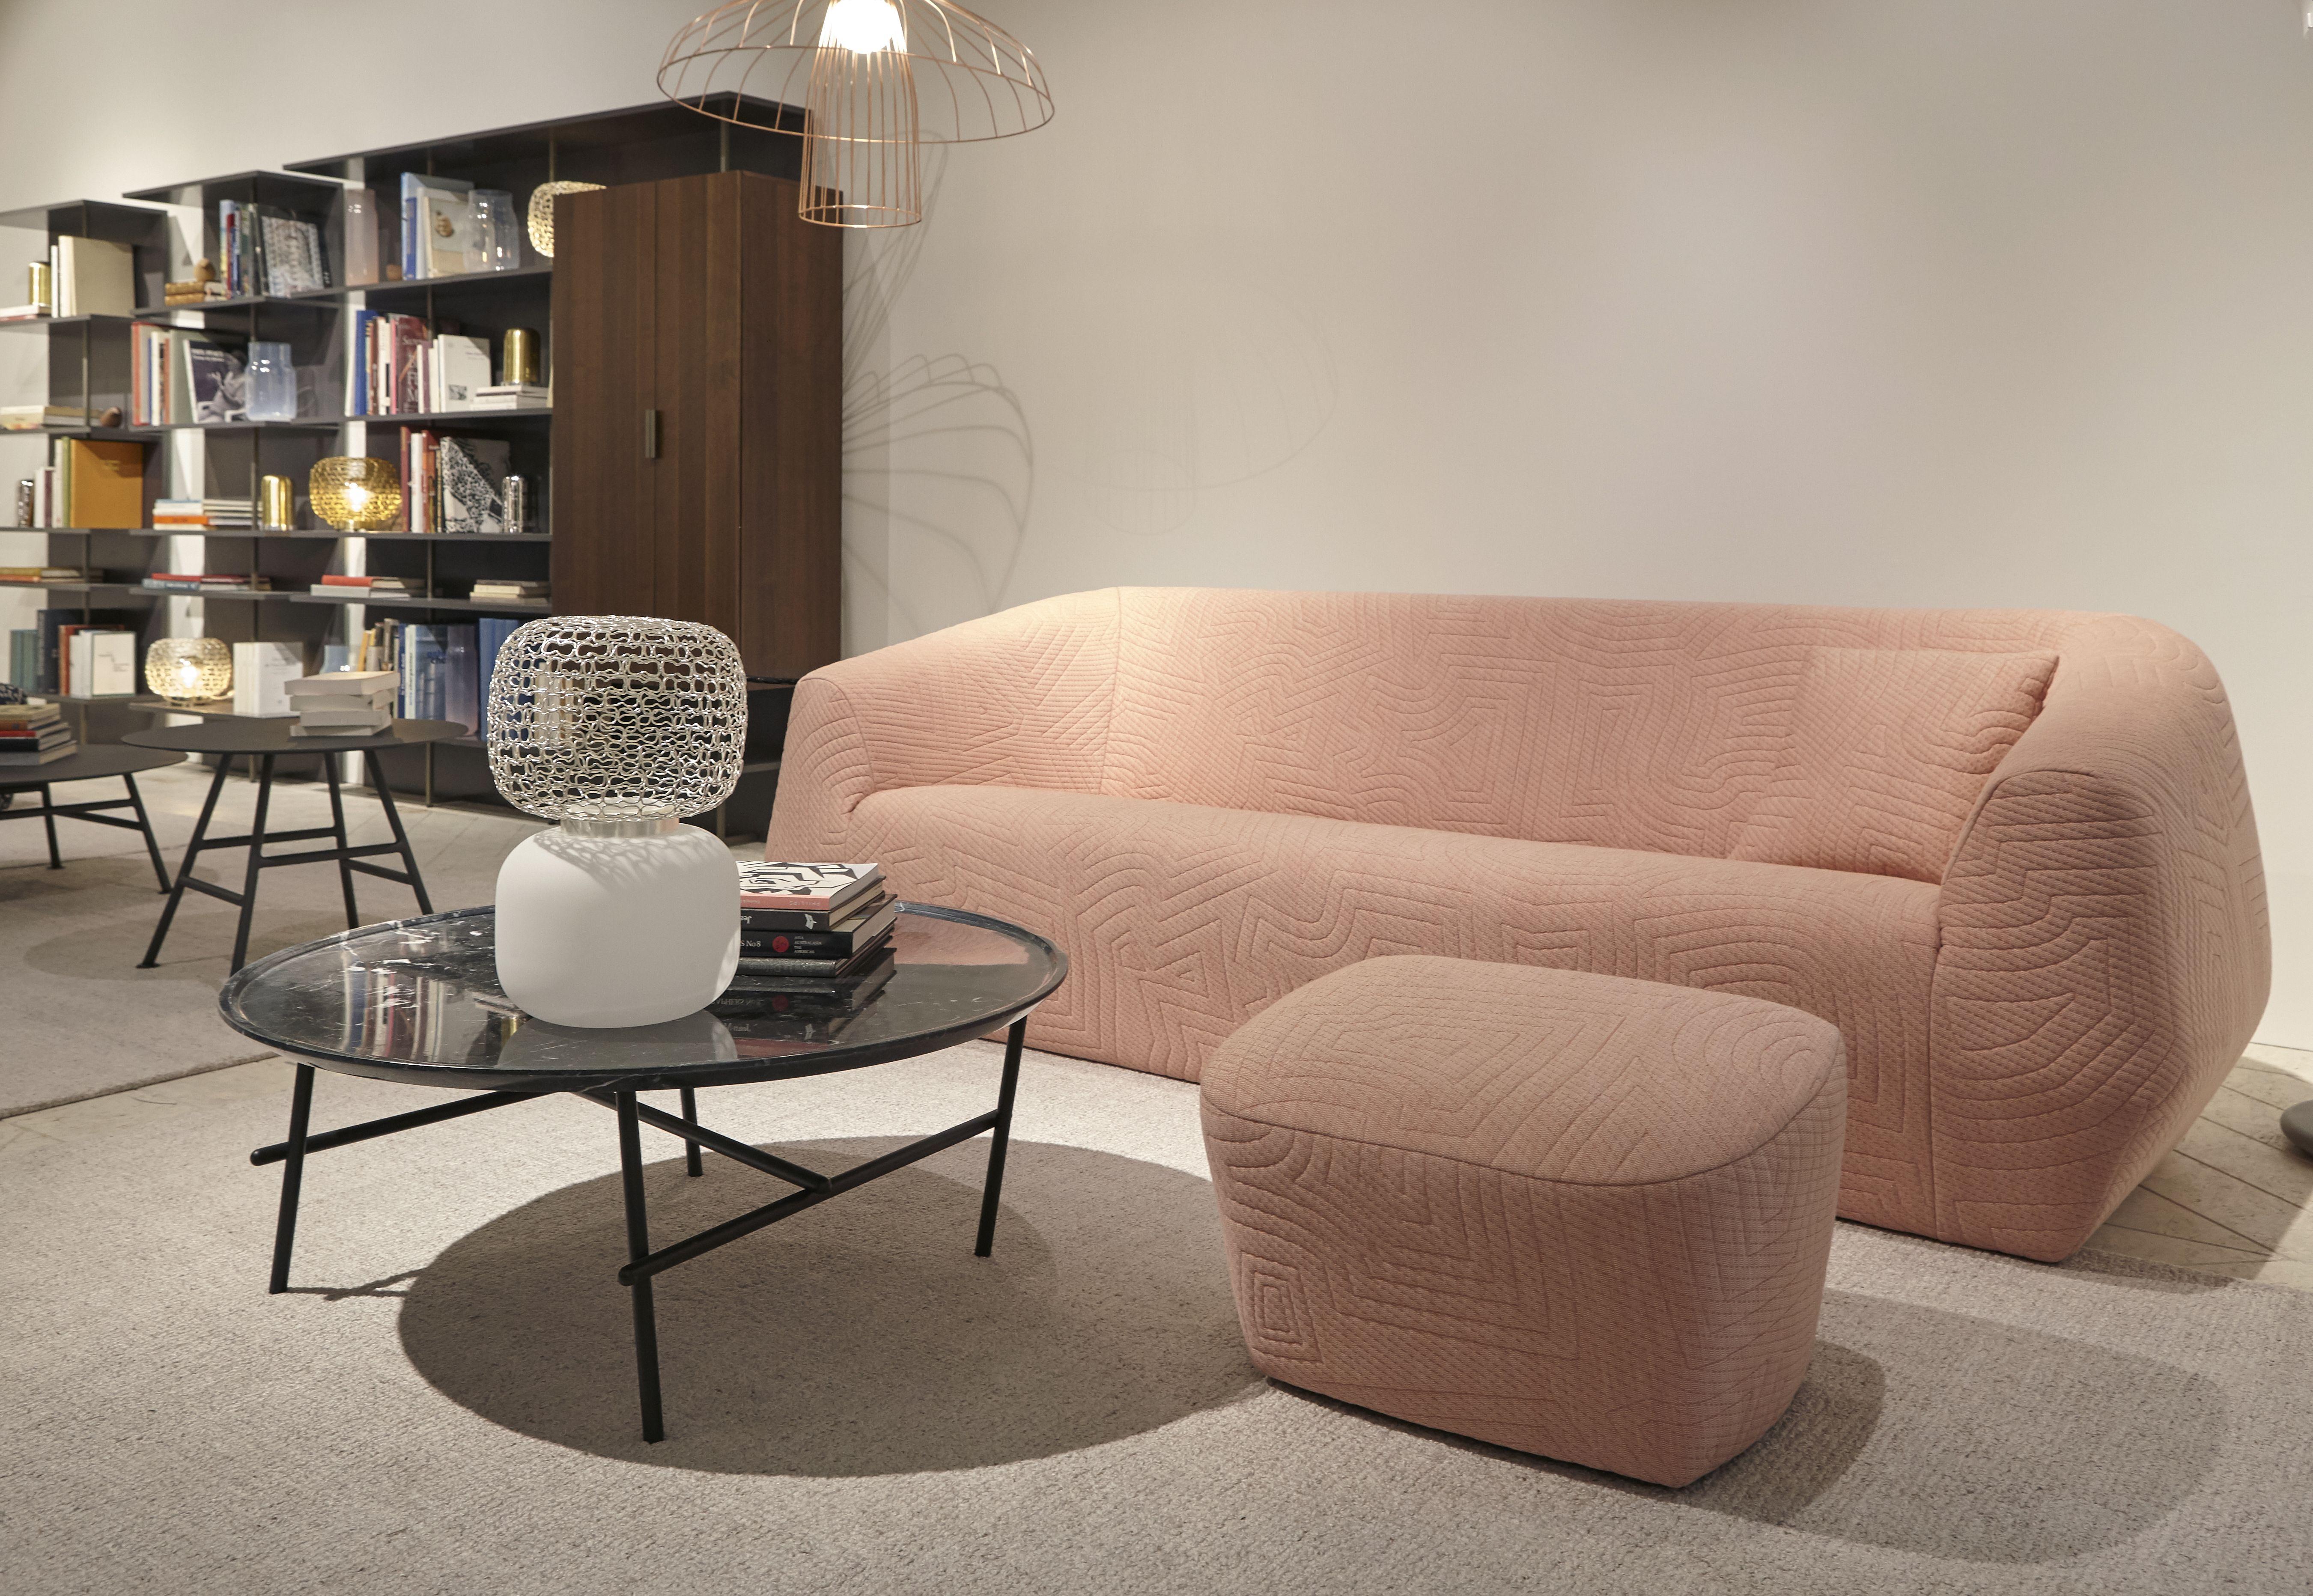 Maison Objet Collection Cinna 2019 Canape Uncover Designer Marie Christine Cover Maison Et Objet Maison Chaise Fauteuil